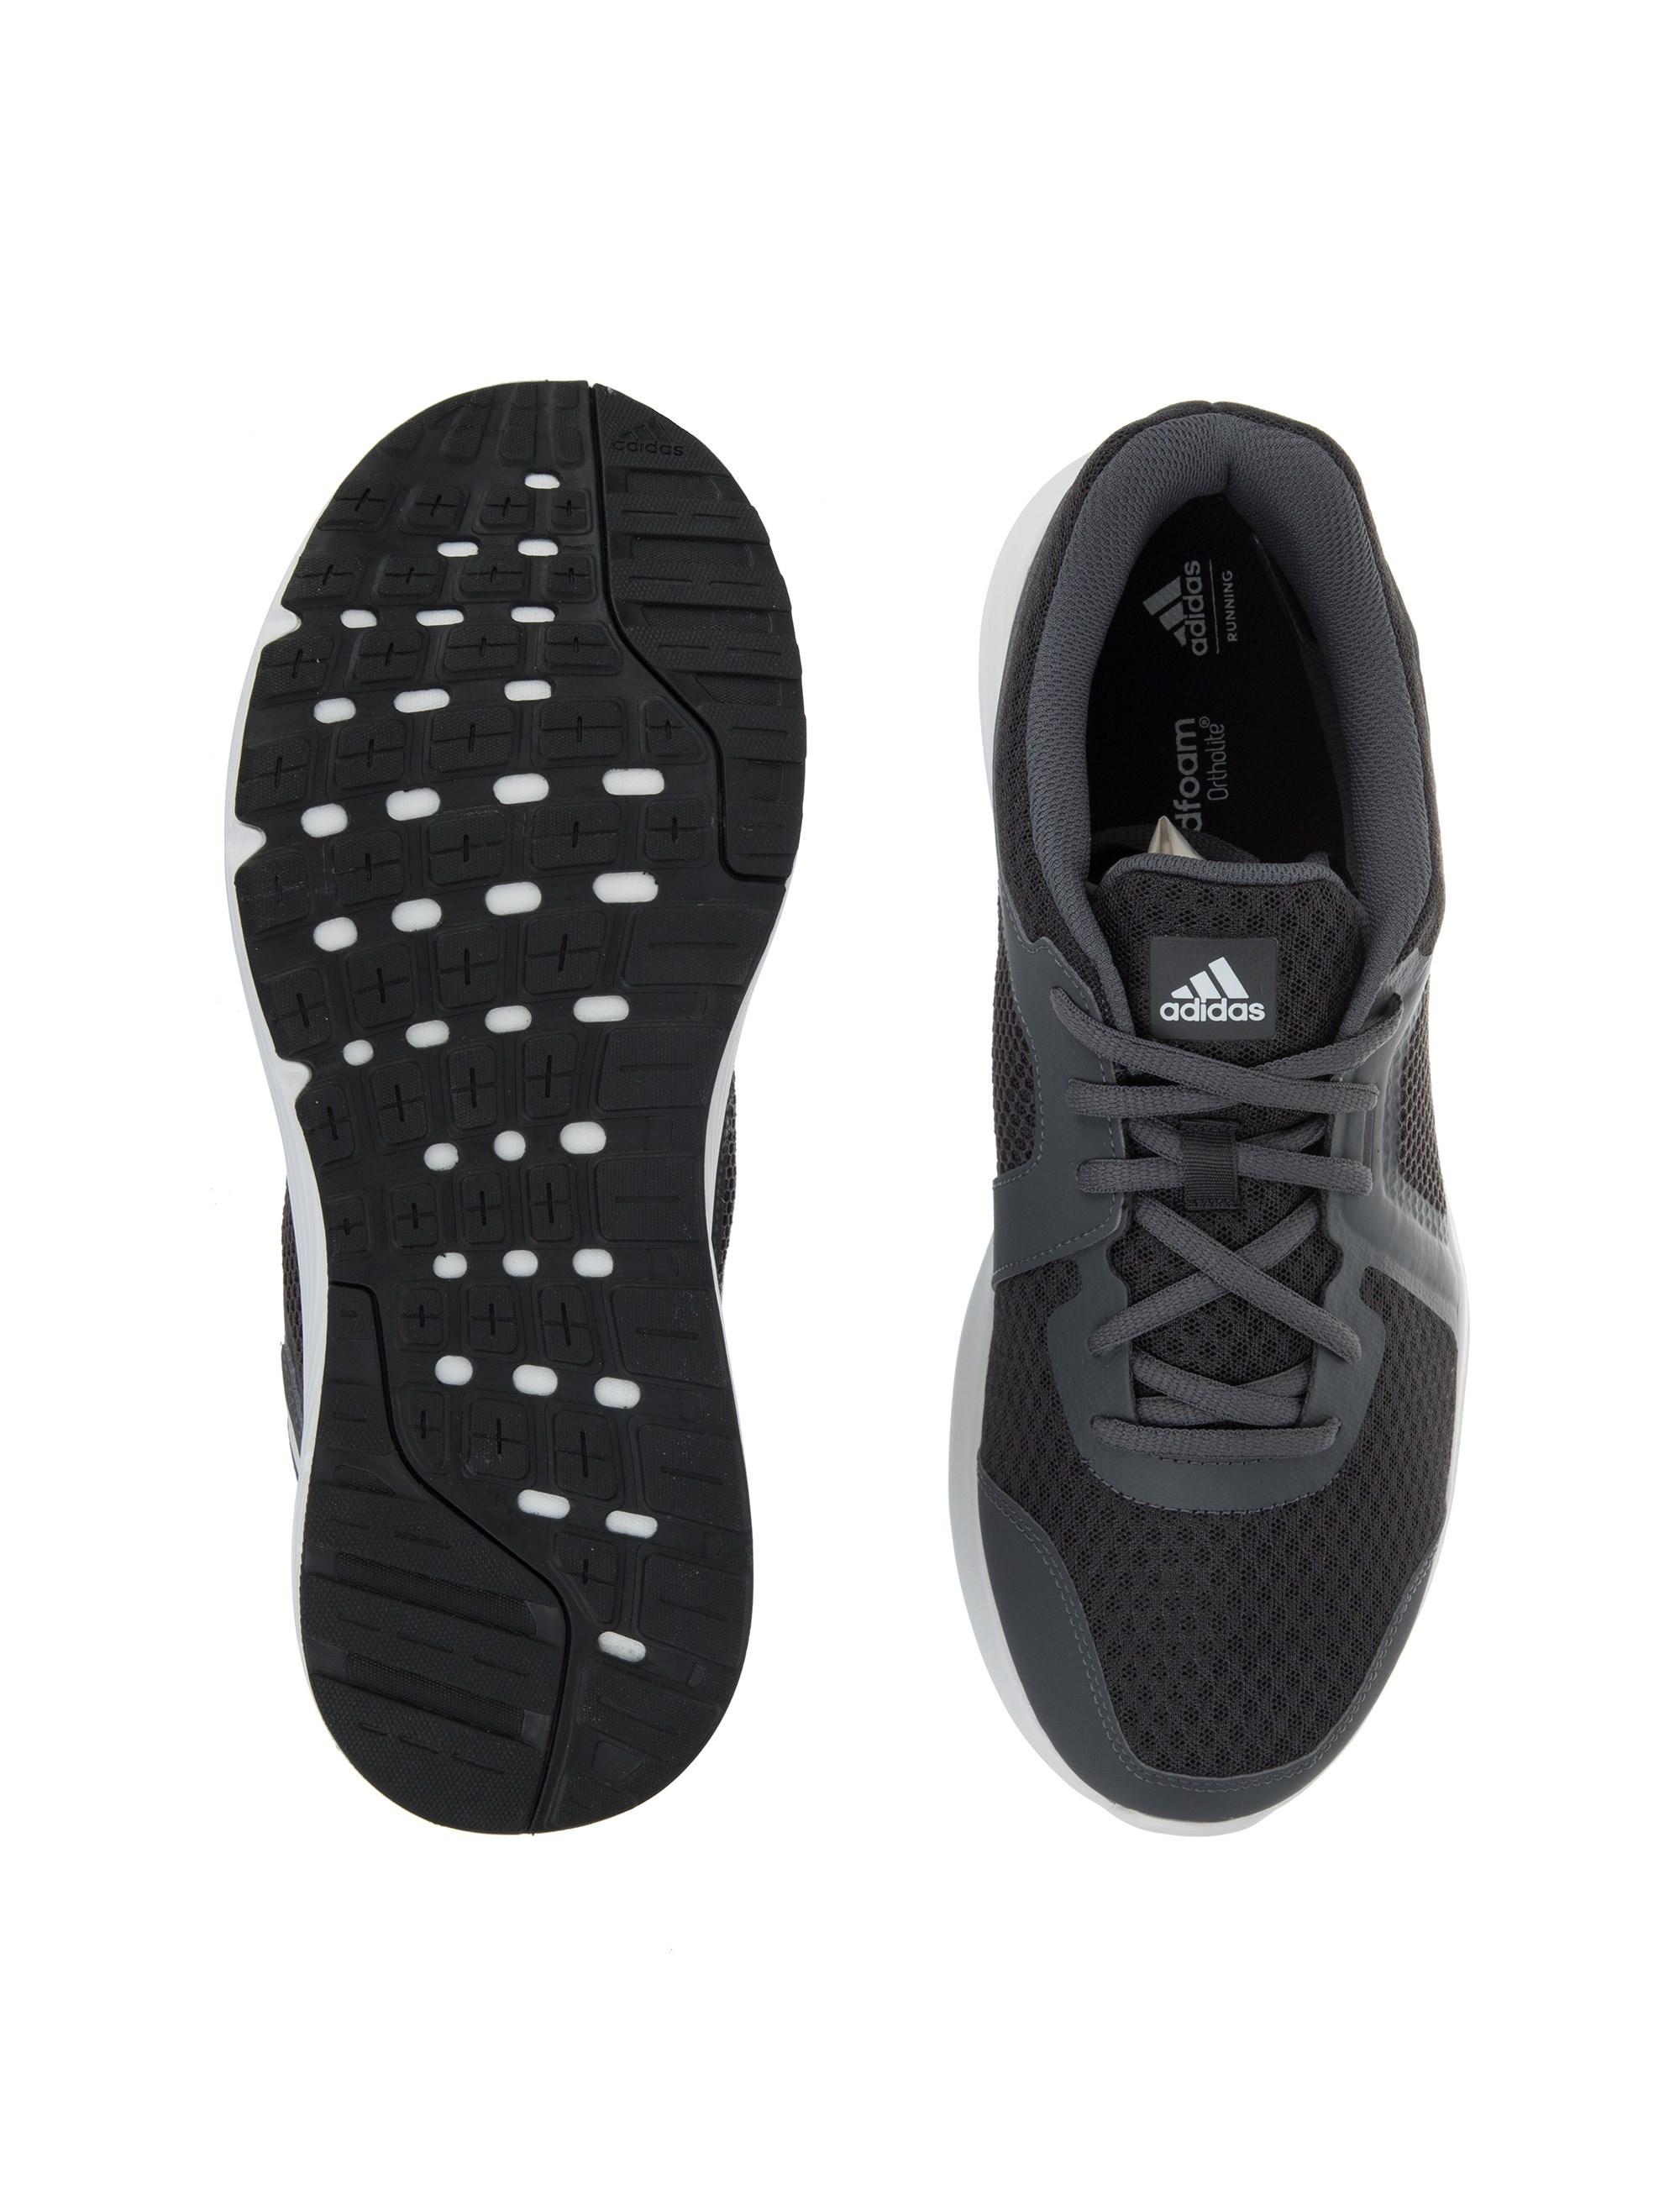 کفش دویدن بندی مردانه Galactic 2 - آدیداس - طوسي - 2